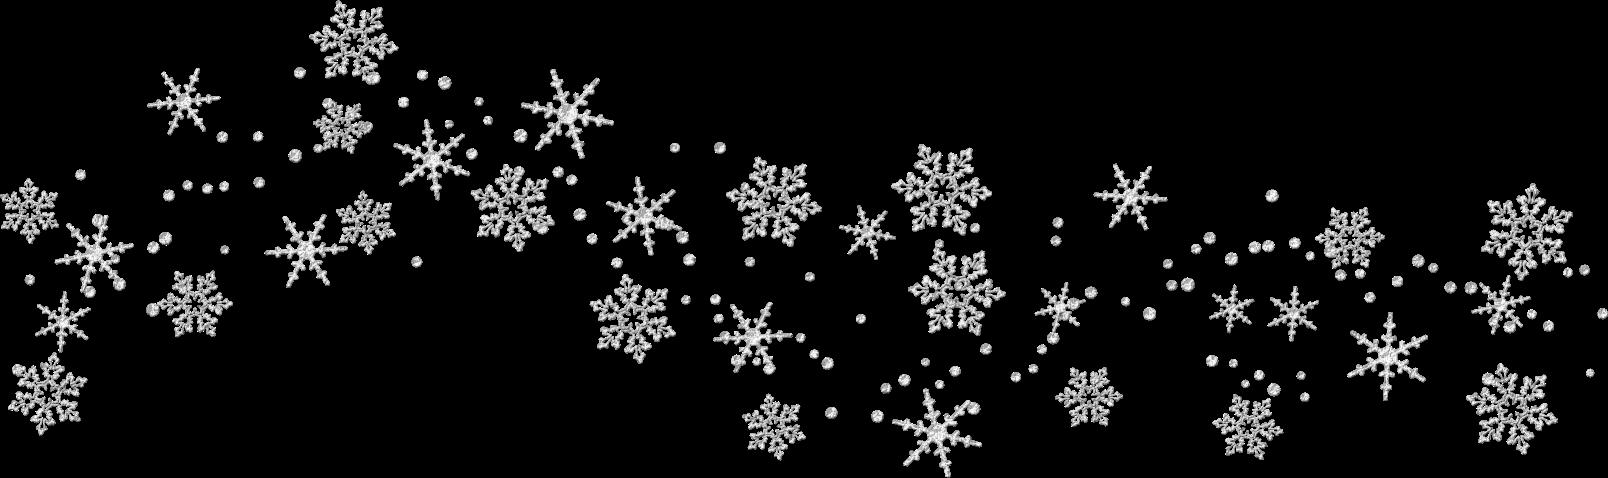 Transparent Snowflakes Clipart.